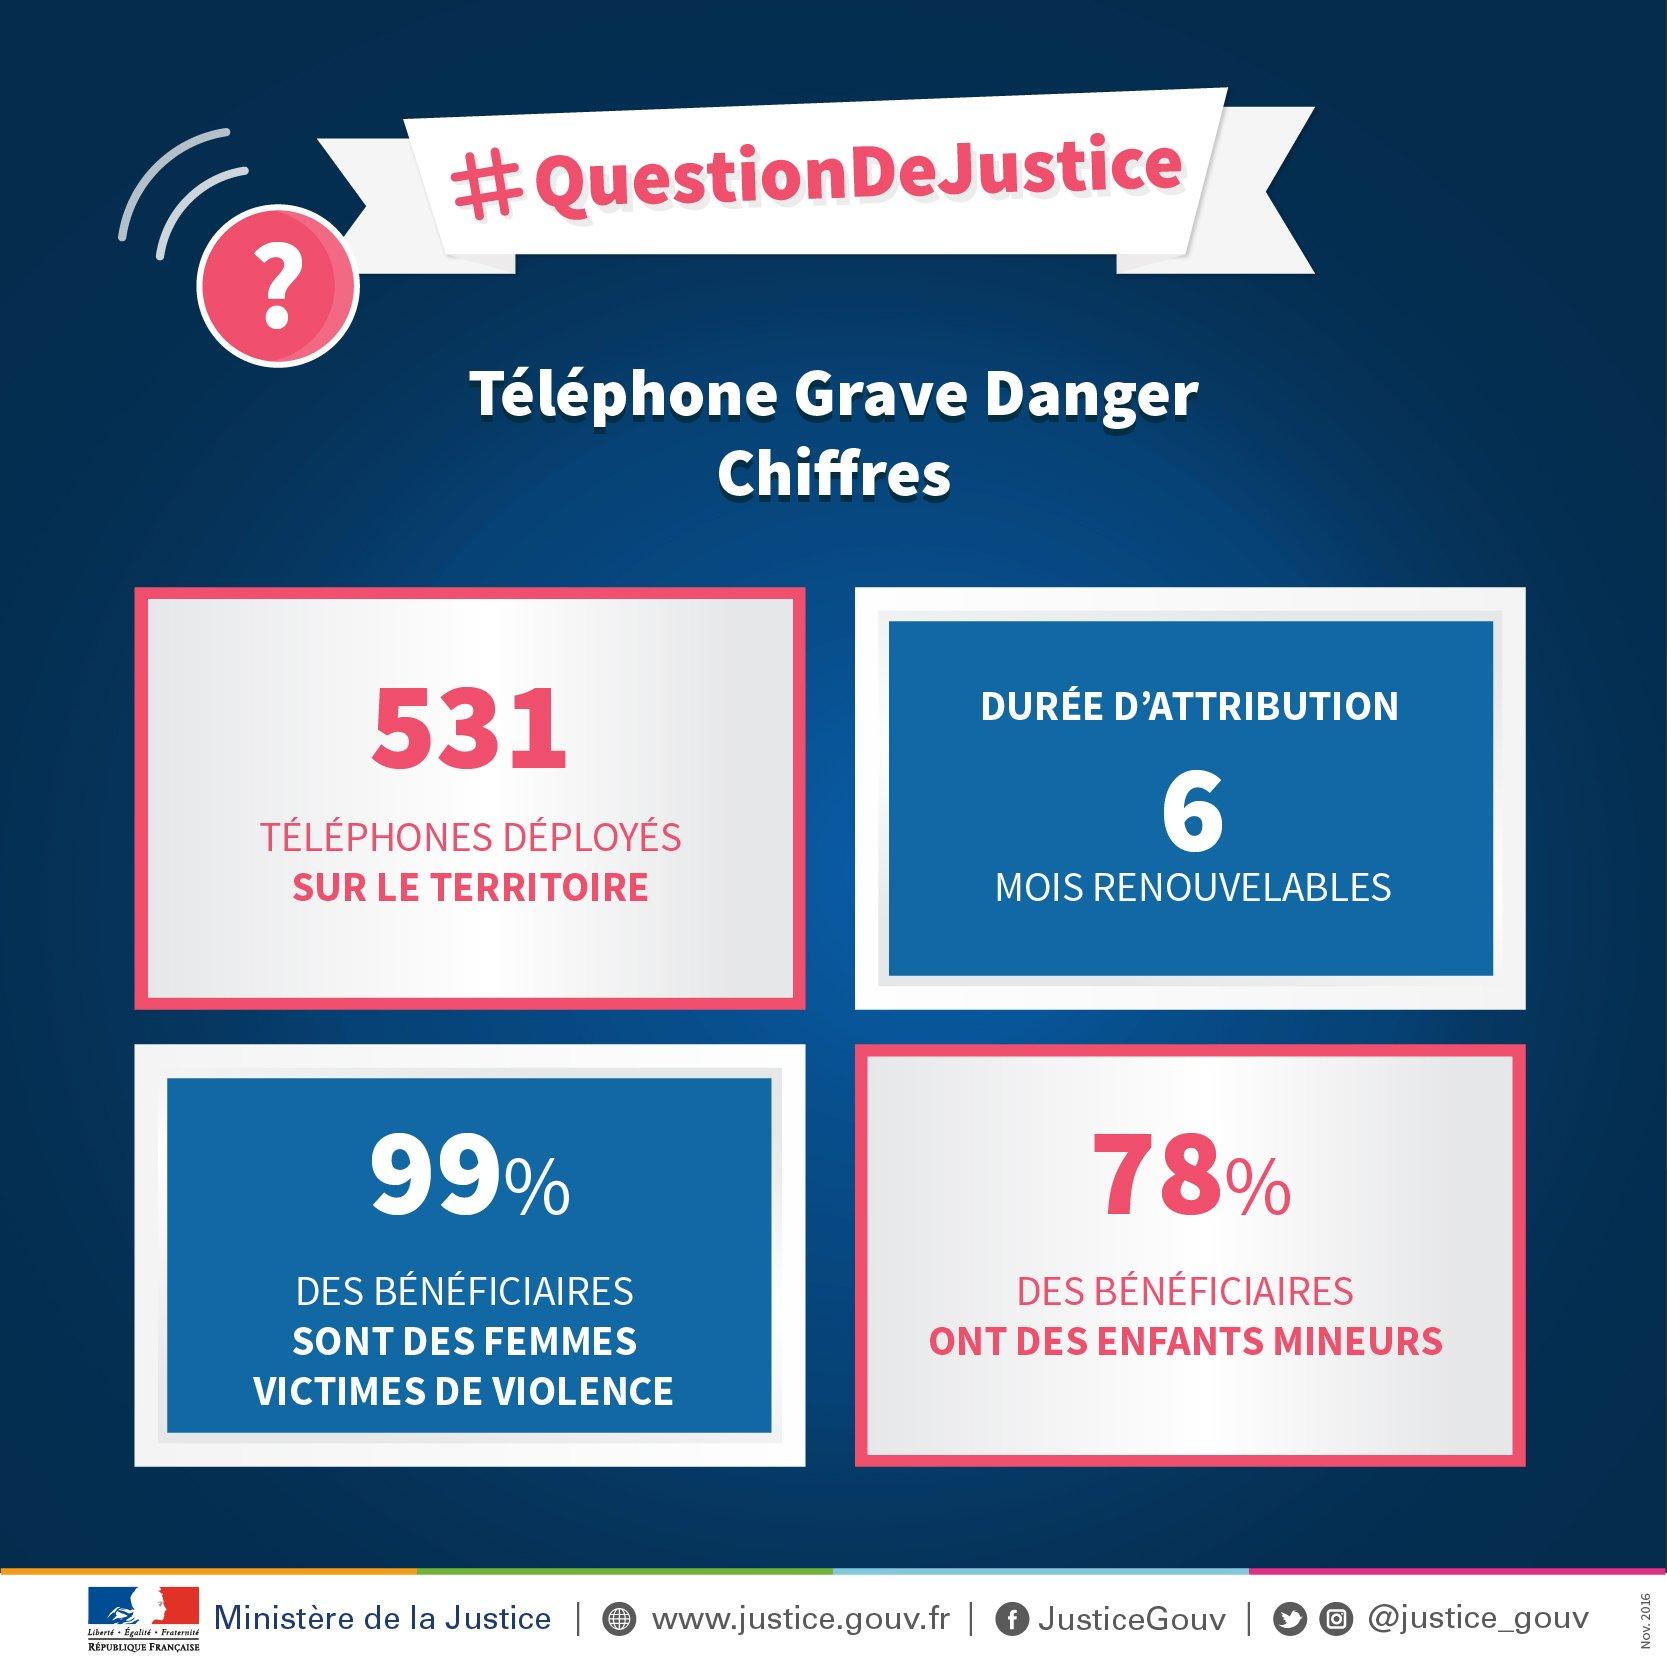 531 téléphones grave danger sont déployés sur le territoire.